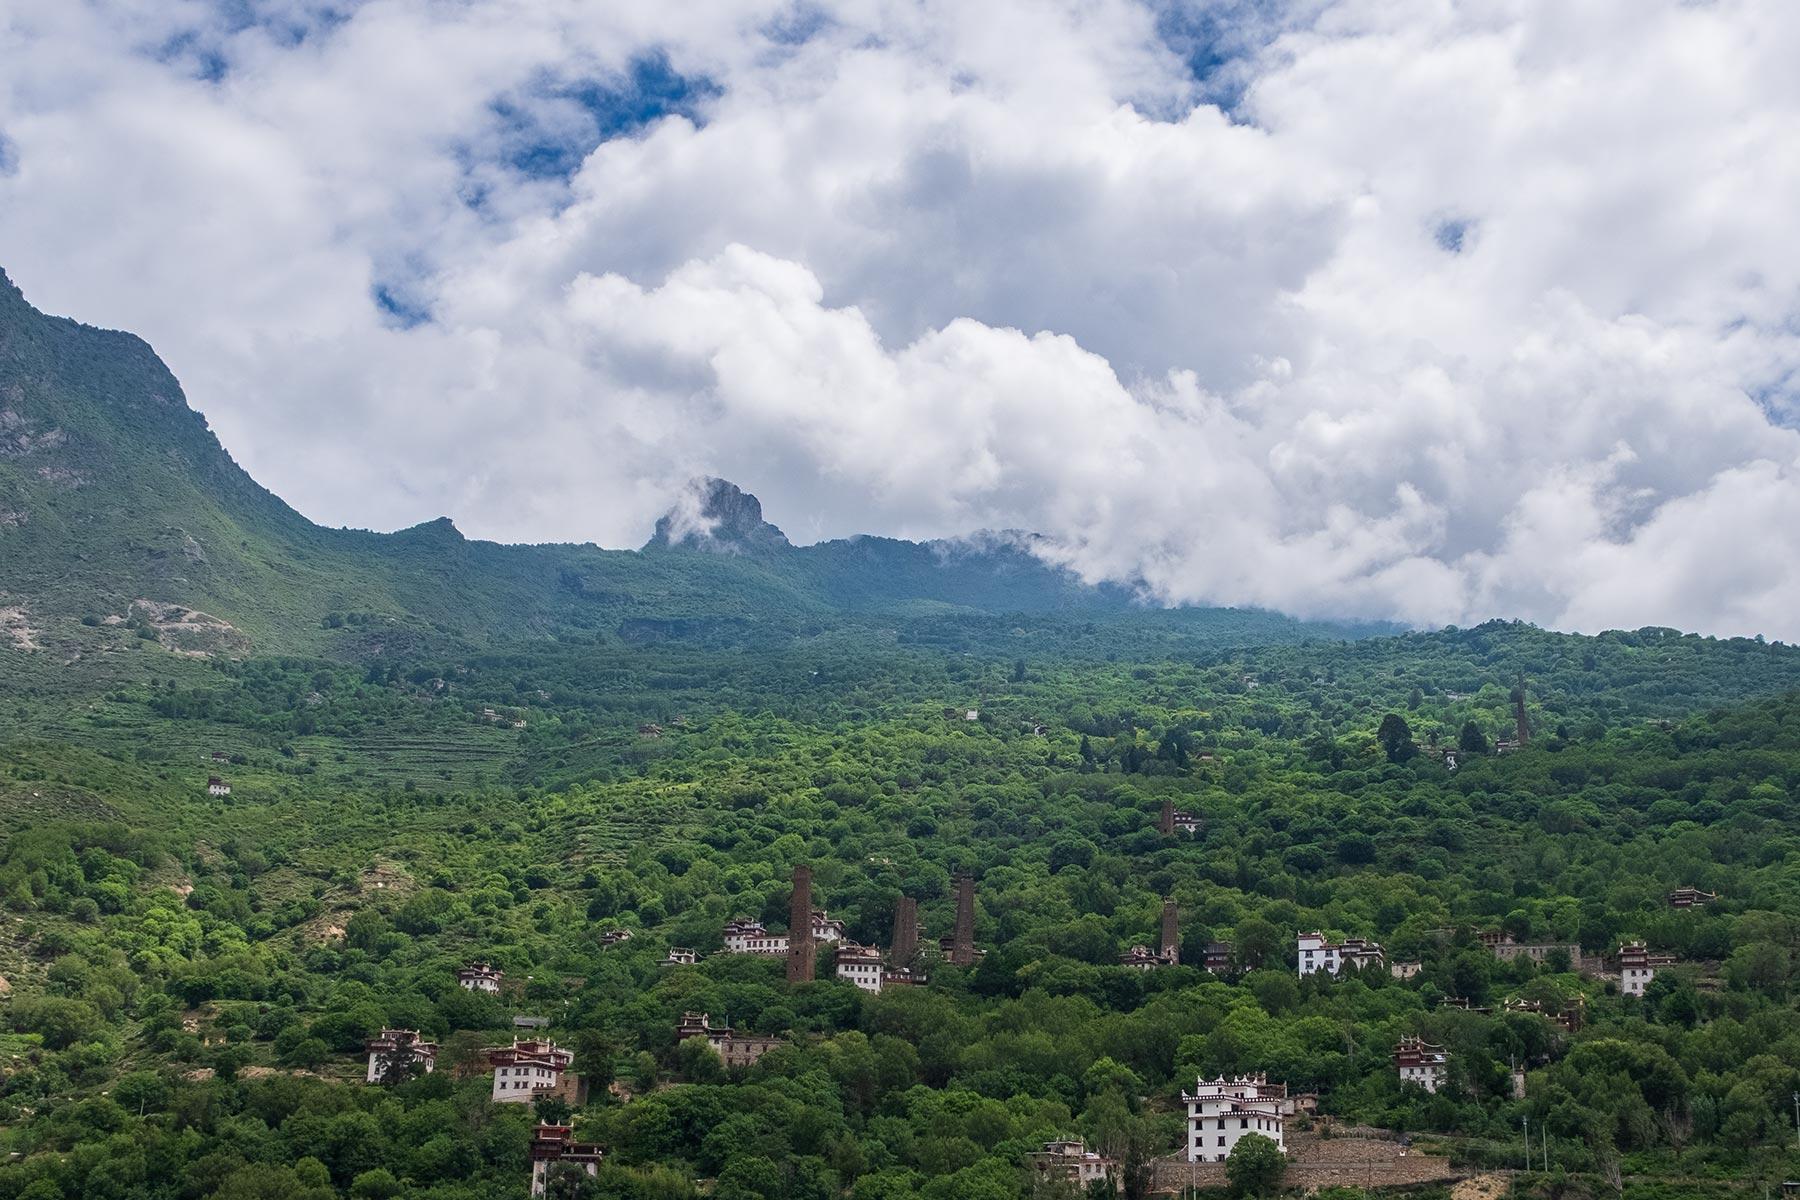 Türme aus Stein im tibetischen Dorf Danba Zangzhai in China